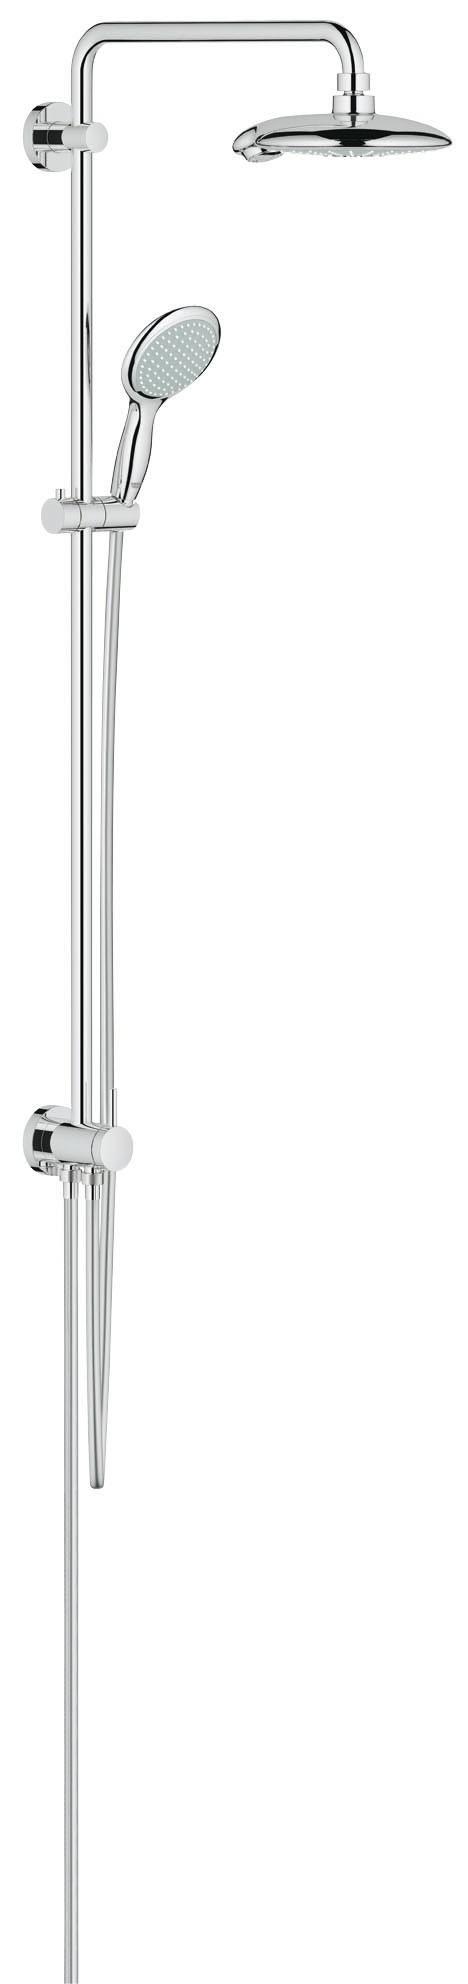 Grohe 27911000 Euphoria 190, верхний и ручной душ, без смесителя, хром (27911000)